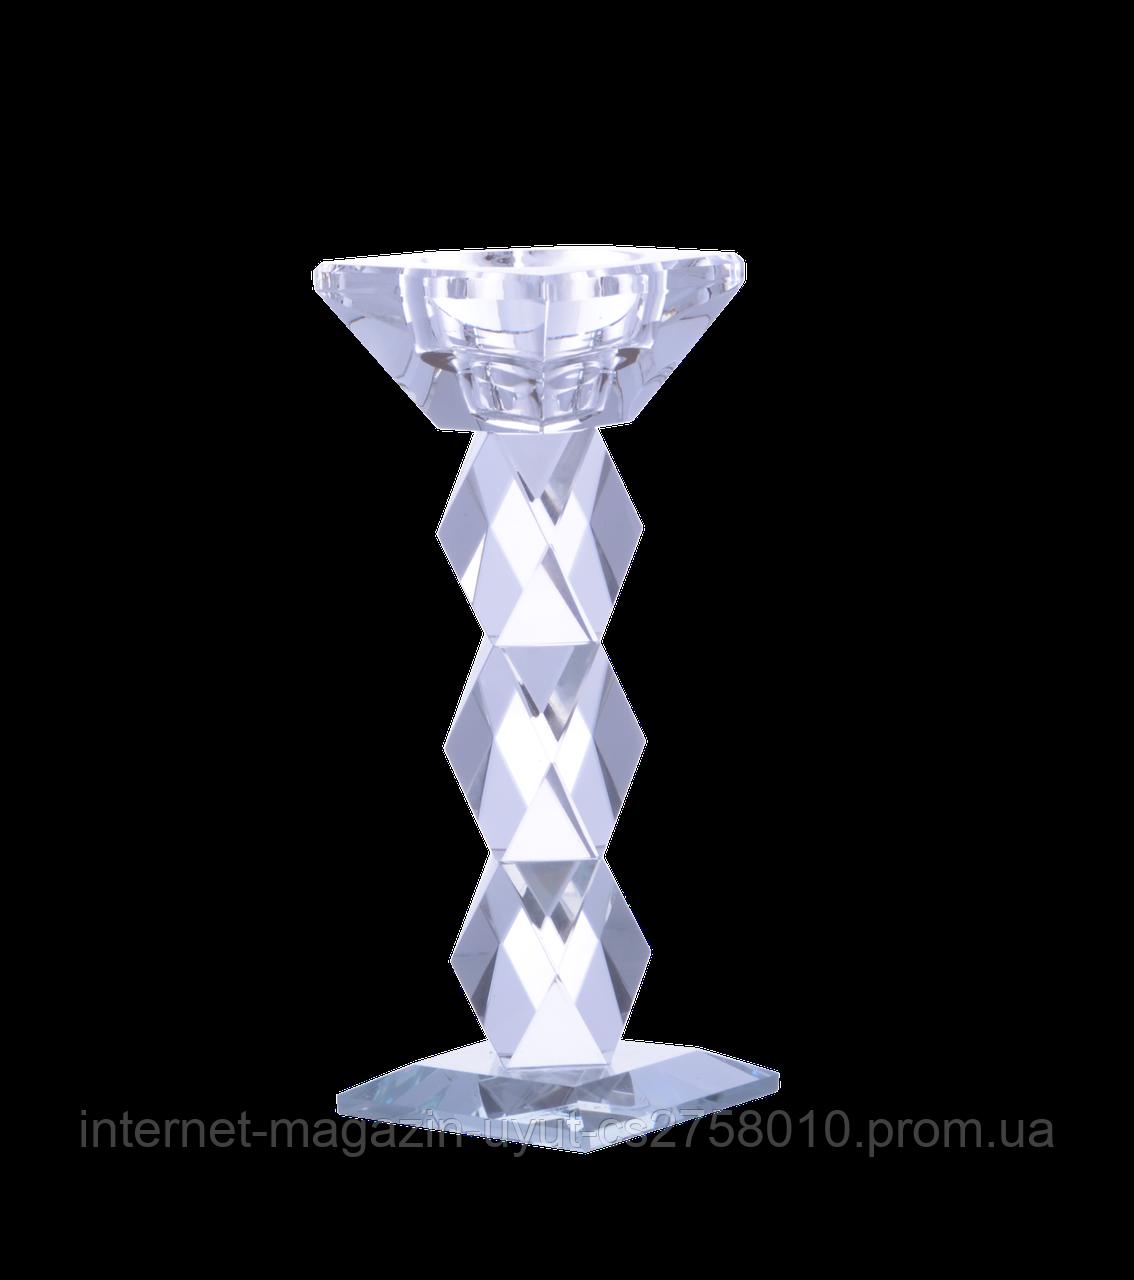 """Подсвечник стеклянный """"Crystal"""" 14см"""